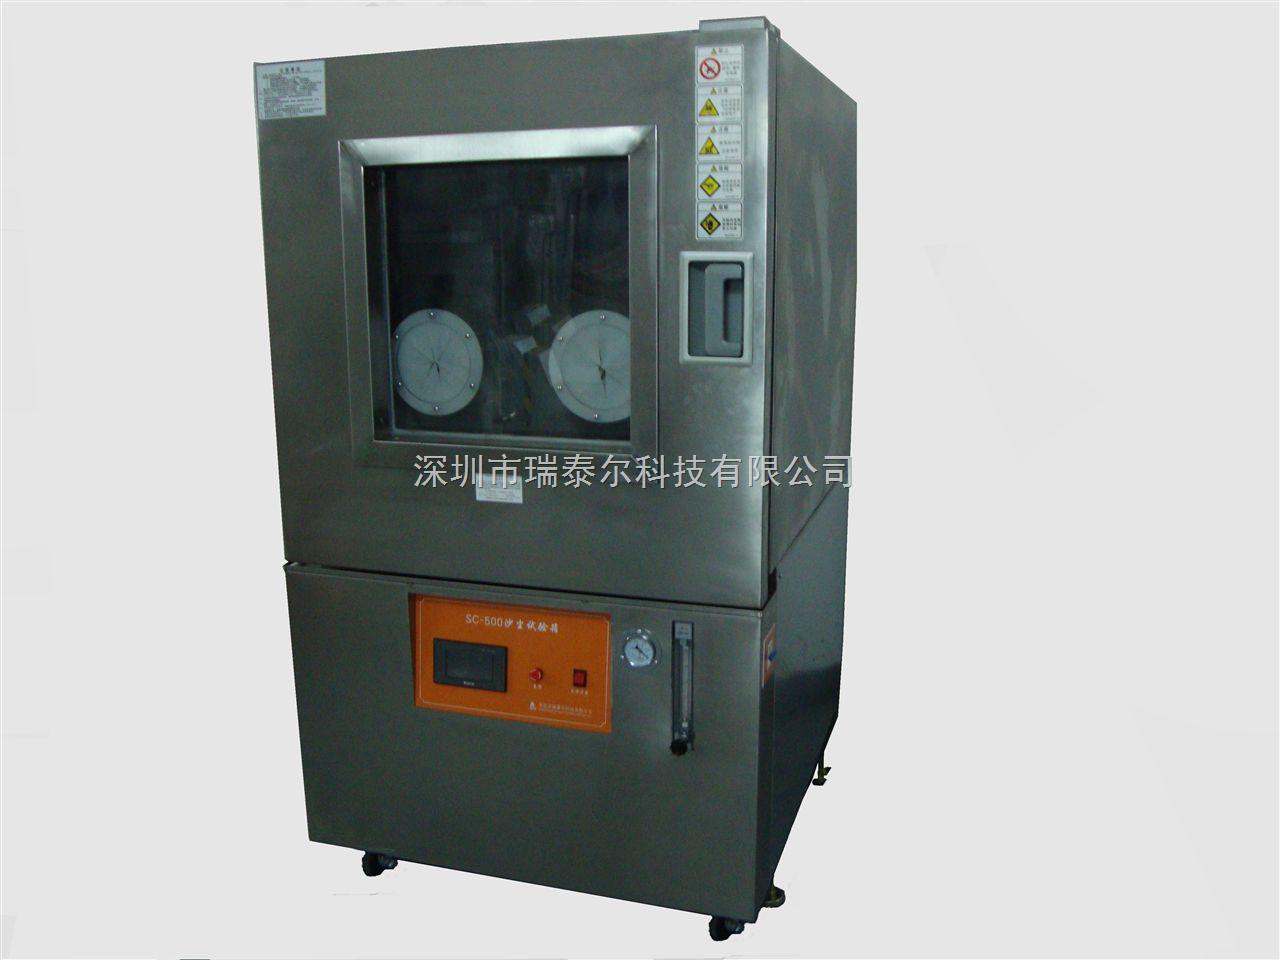 SC-500沙尘箱/手机防尘测试箱*瑞泰尔/深圳沙尘试验箱总代理